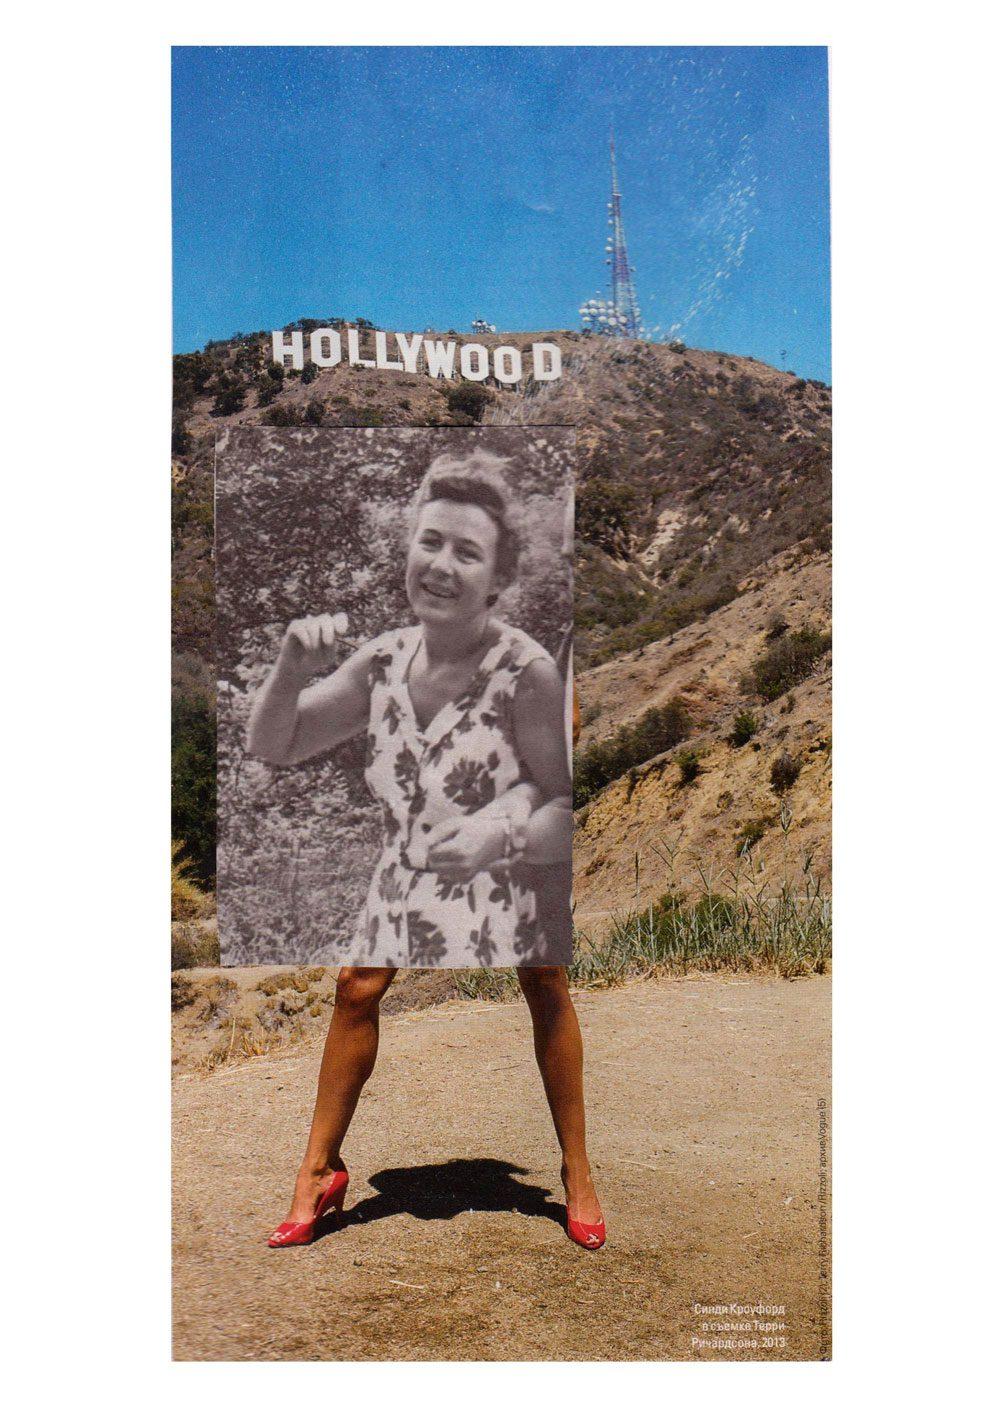 002 irinavale - Колхозниці у Голлівуді: Ілюстраторка Ірина Вале іронізує над радянськими фото - Заборона